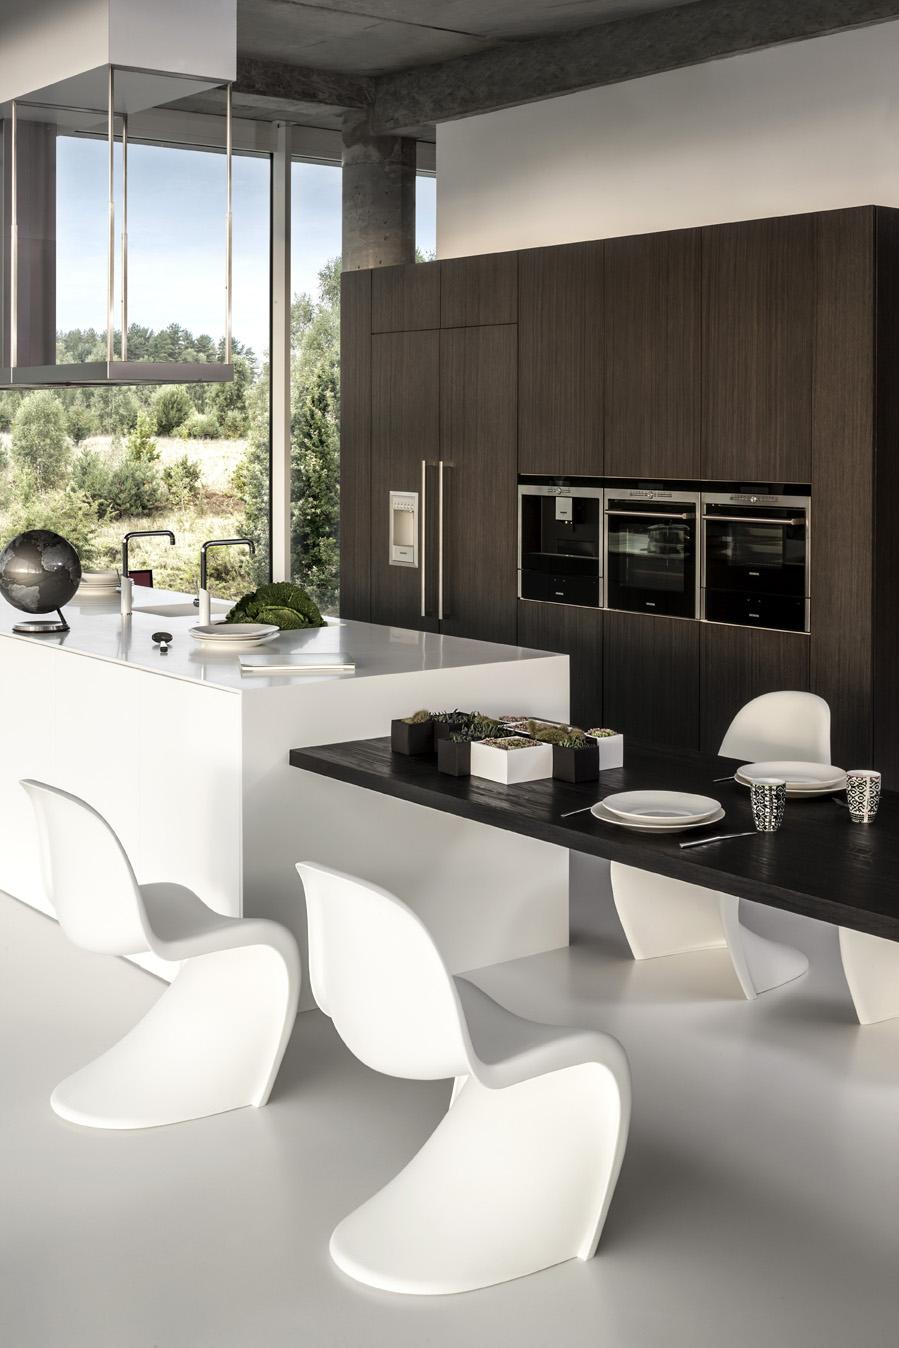 Kuchnia ZAJC model z3